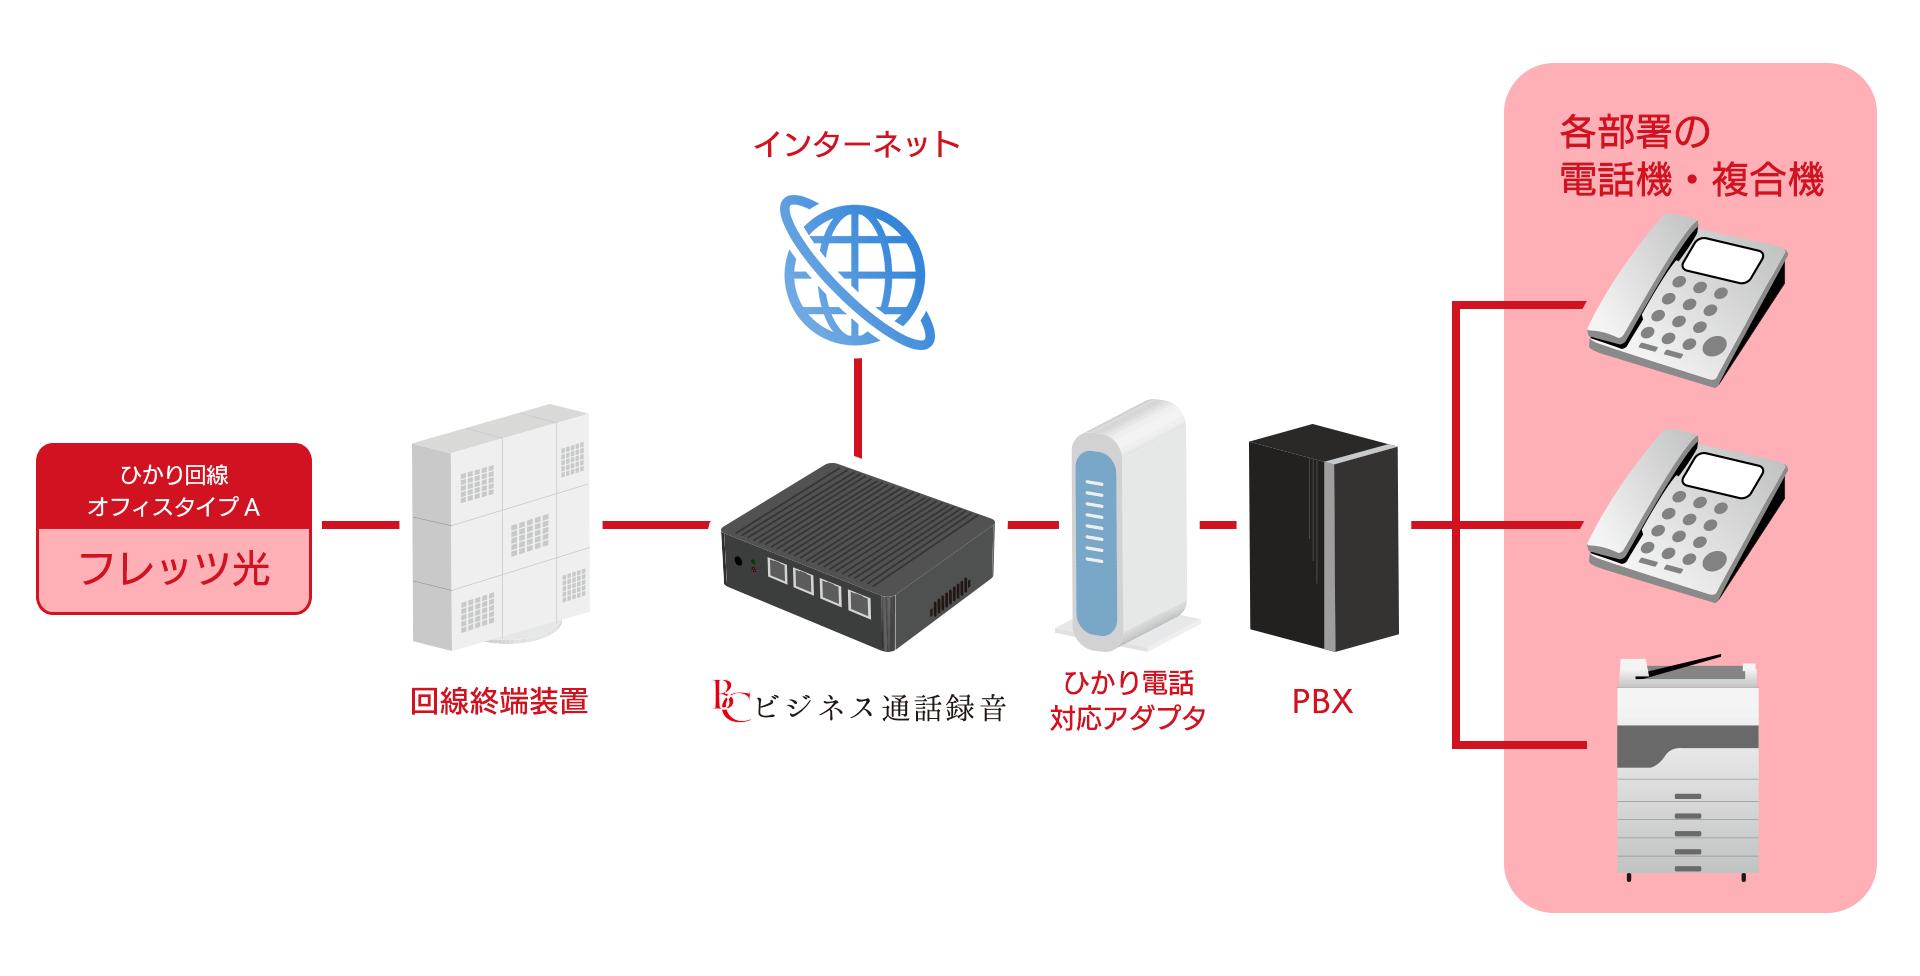 ひかり電話対応アダプタありの設備構成